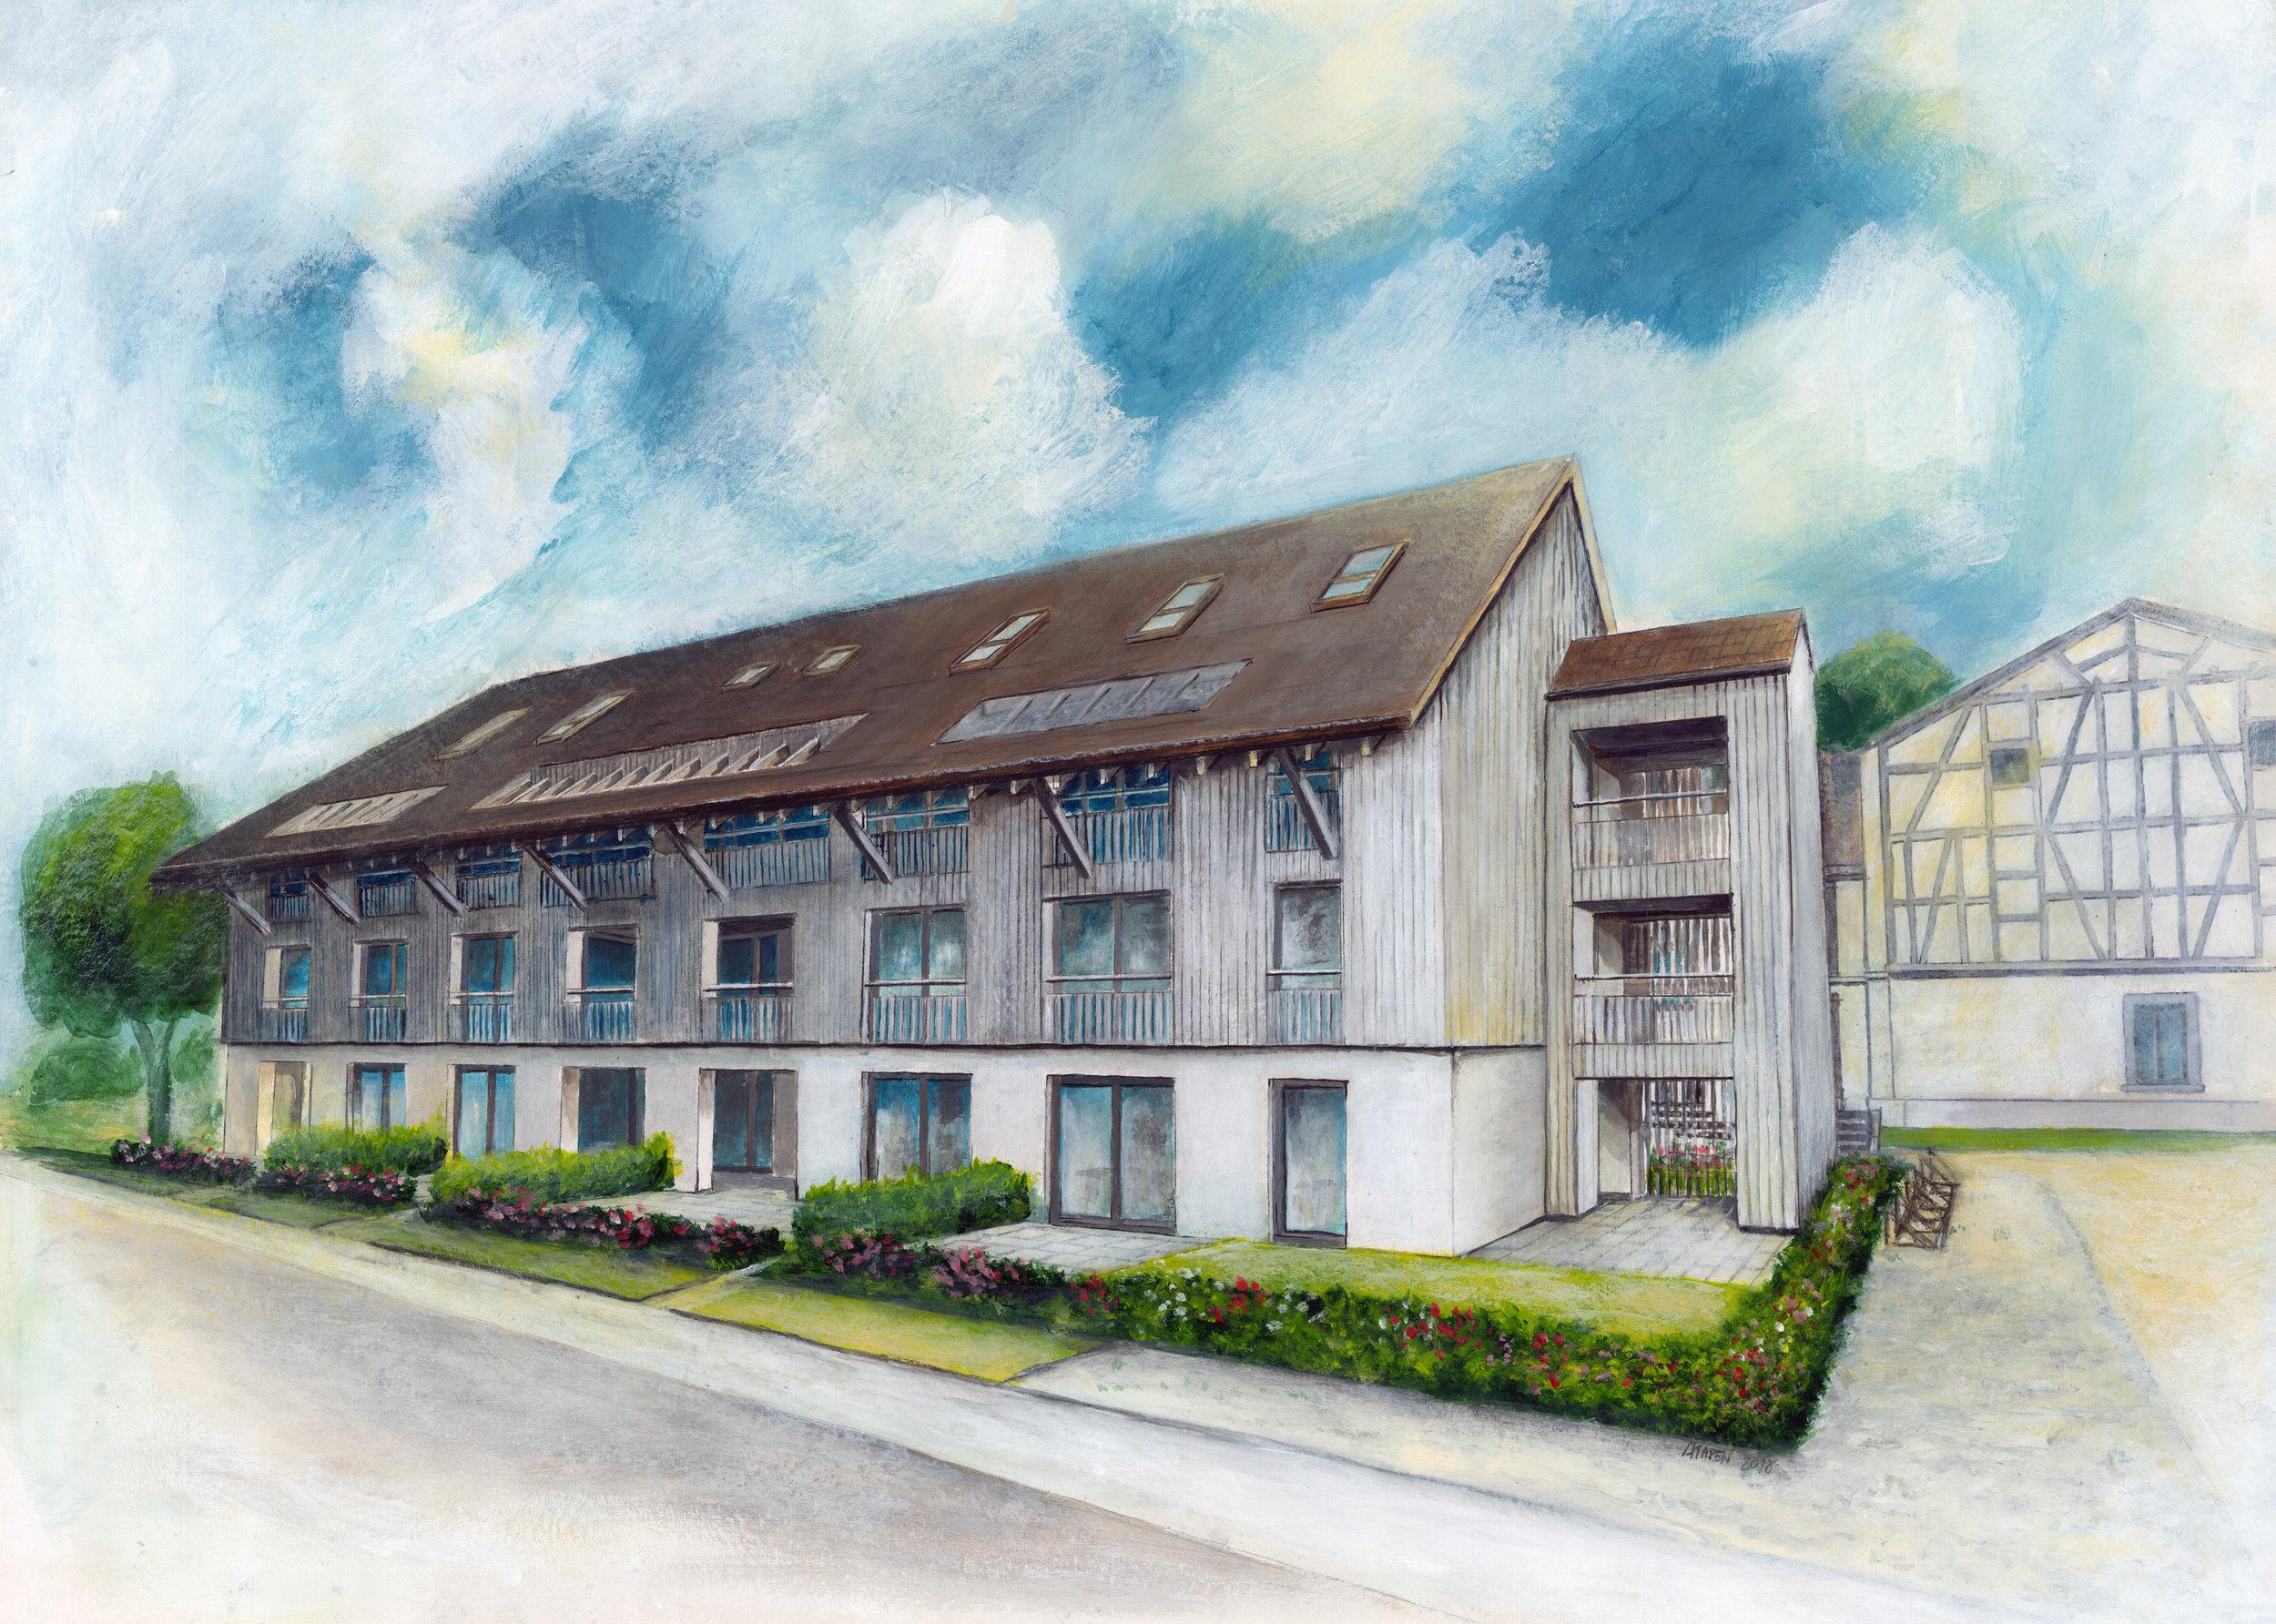 Steinhof Würenlos Erstvermietung Boll Immobilien Zürich Aargau Zug Makler